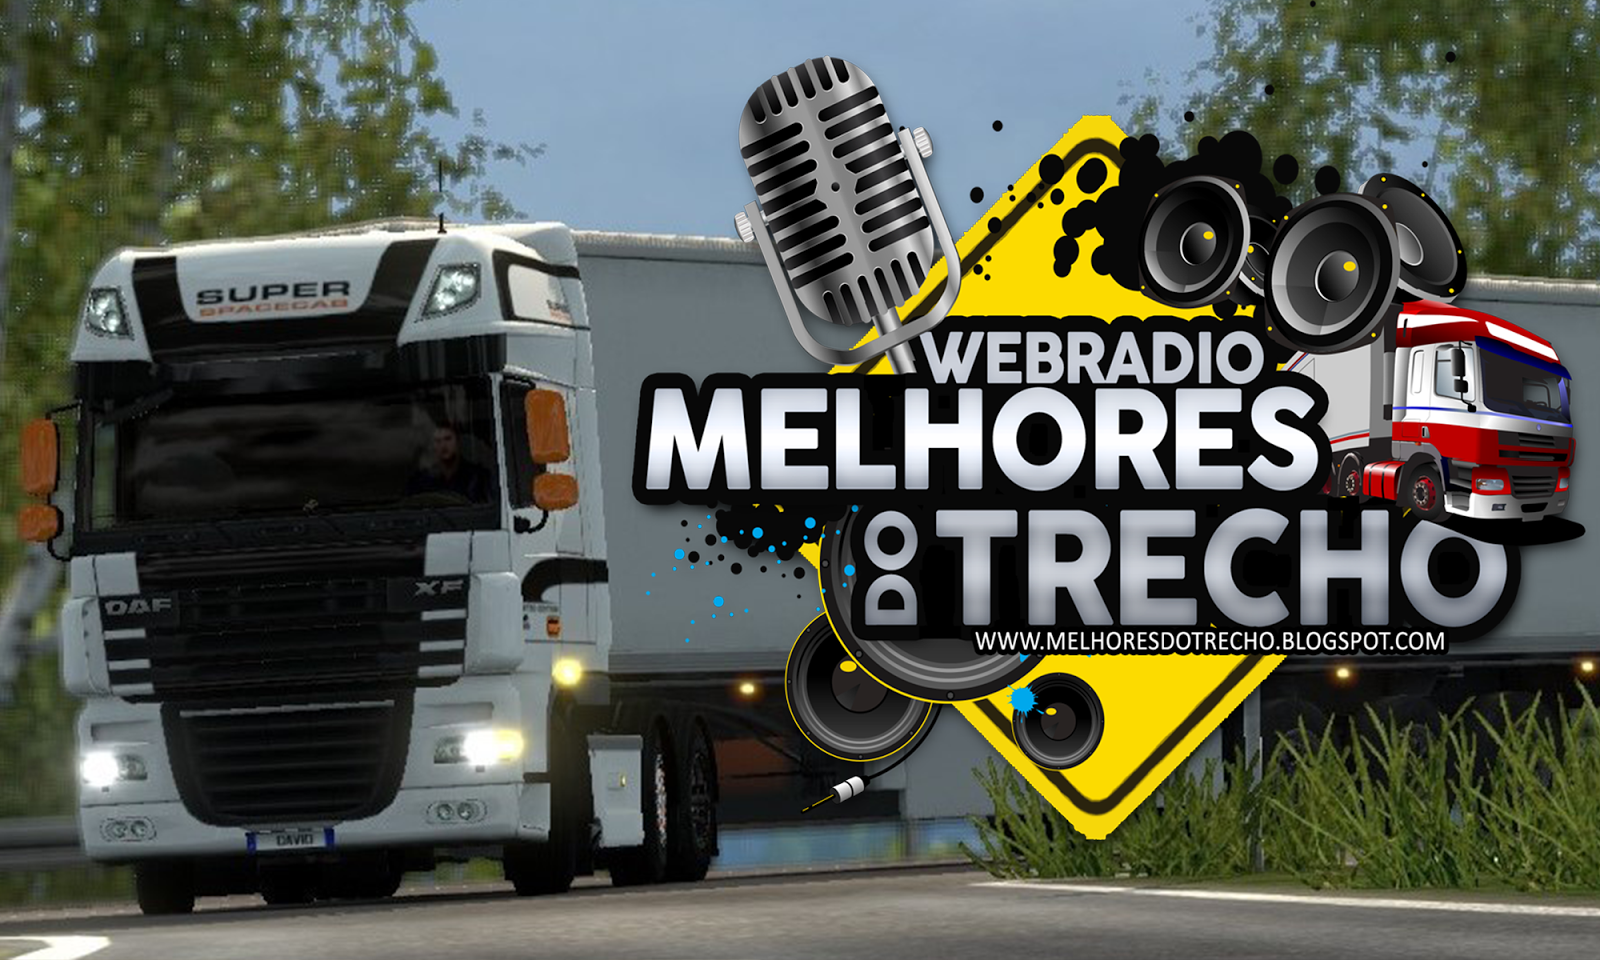 WEB RADIO MELHORES DO TRECHO